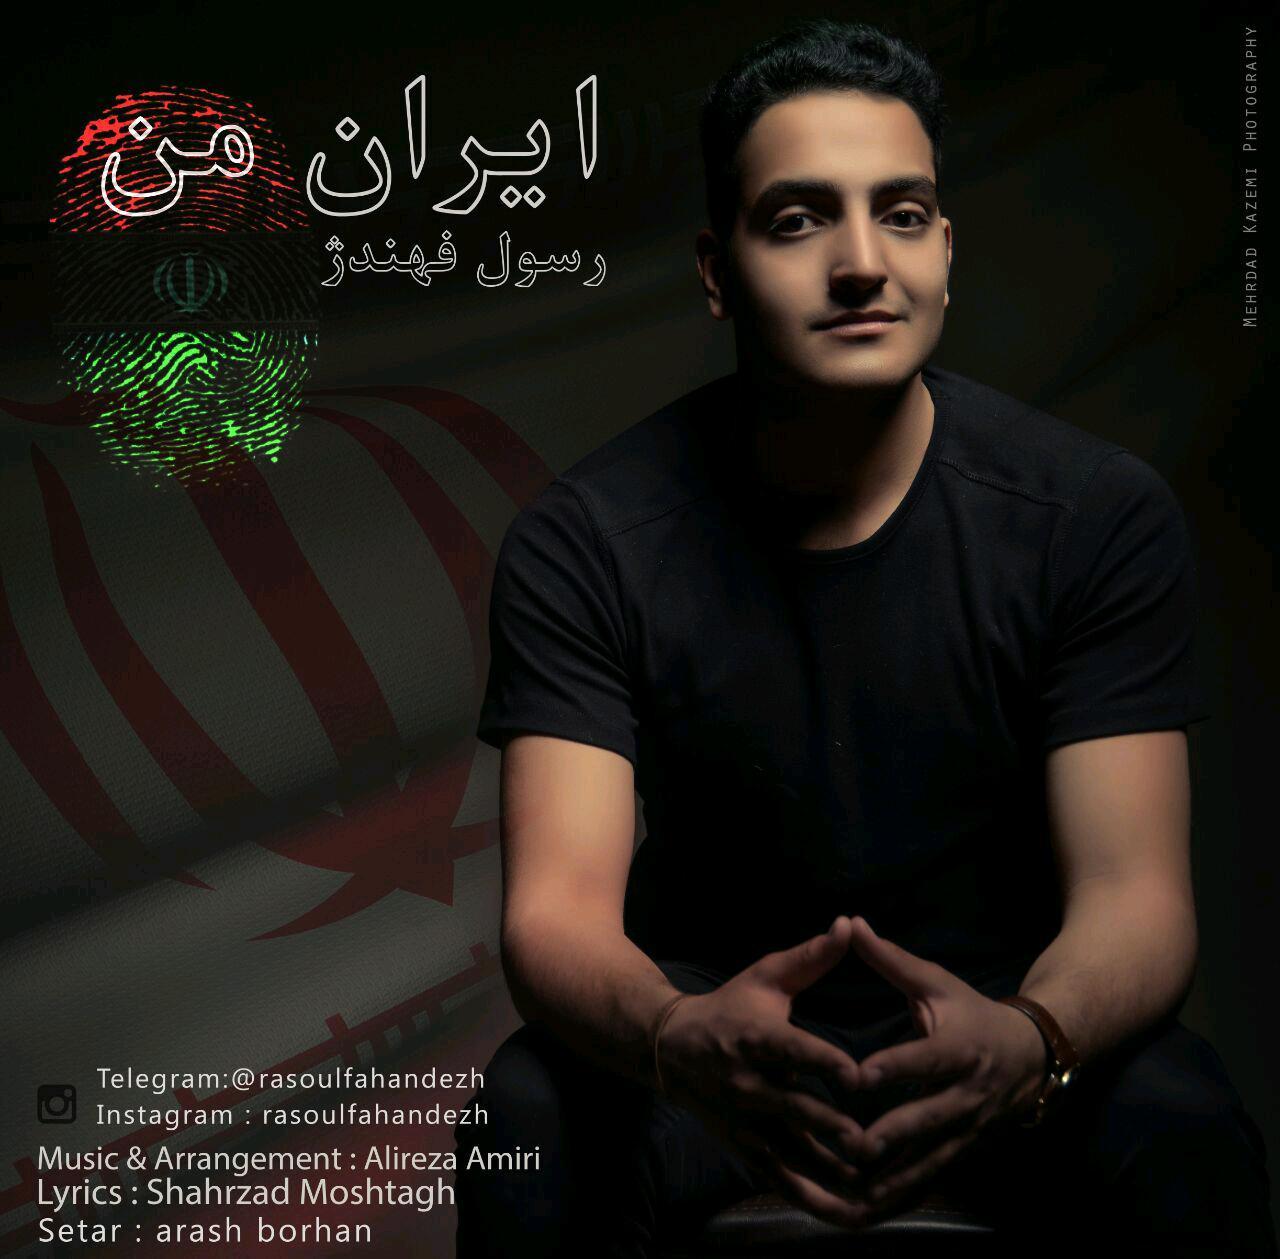 دانلود آهنگ جدید رسول فهندژ به نام ایران من